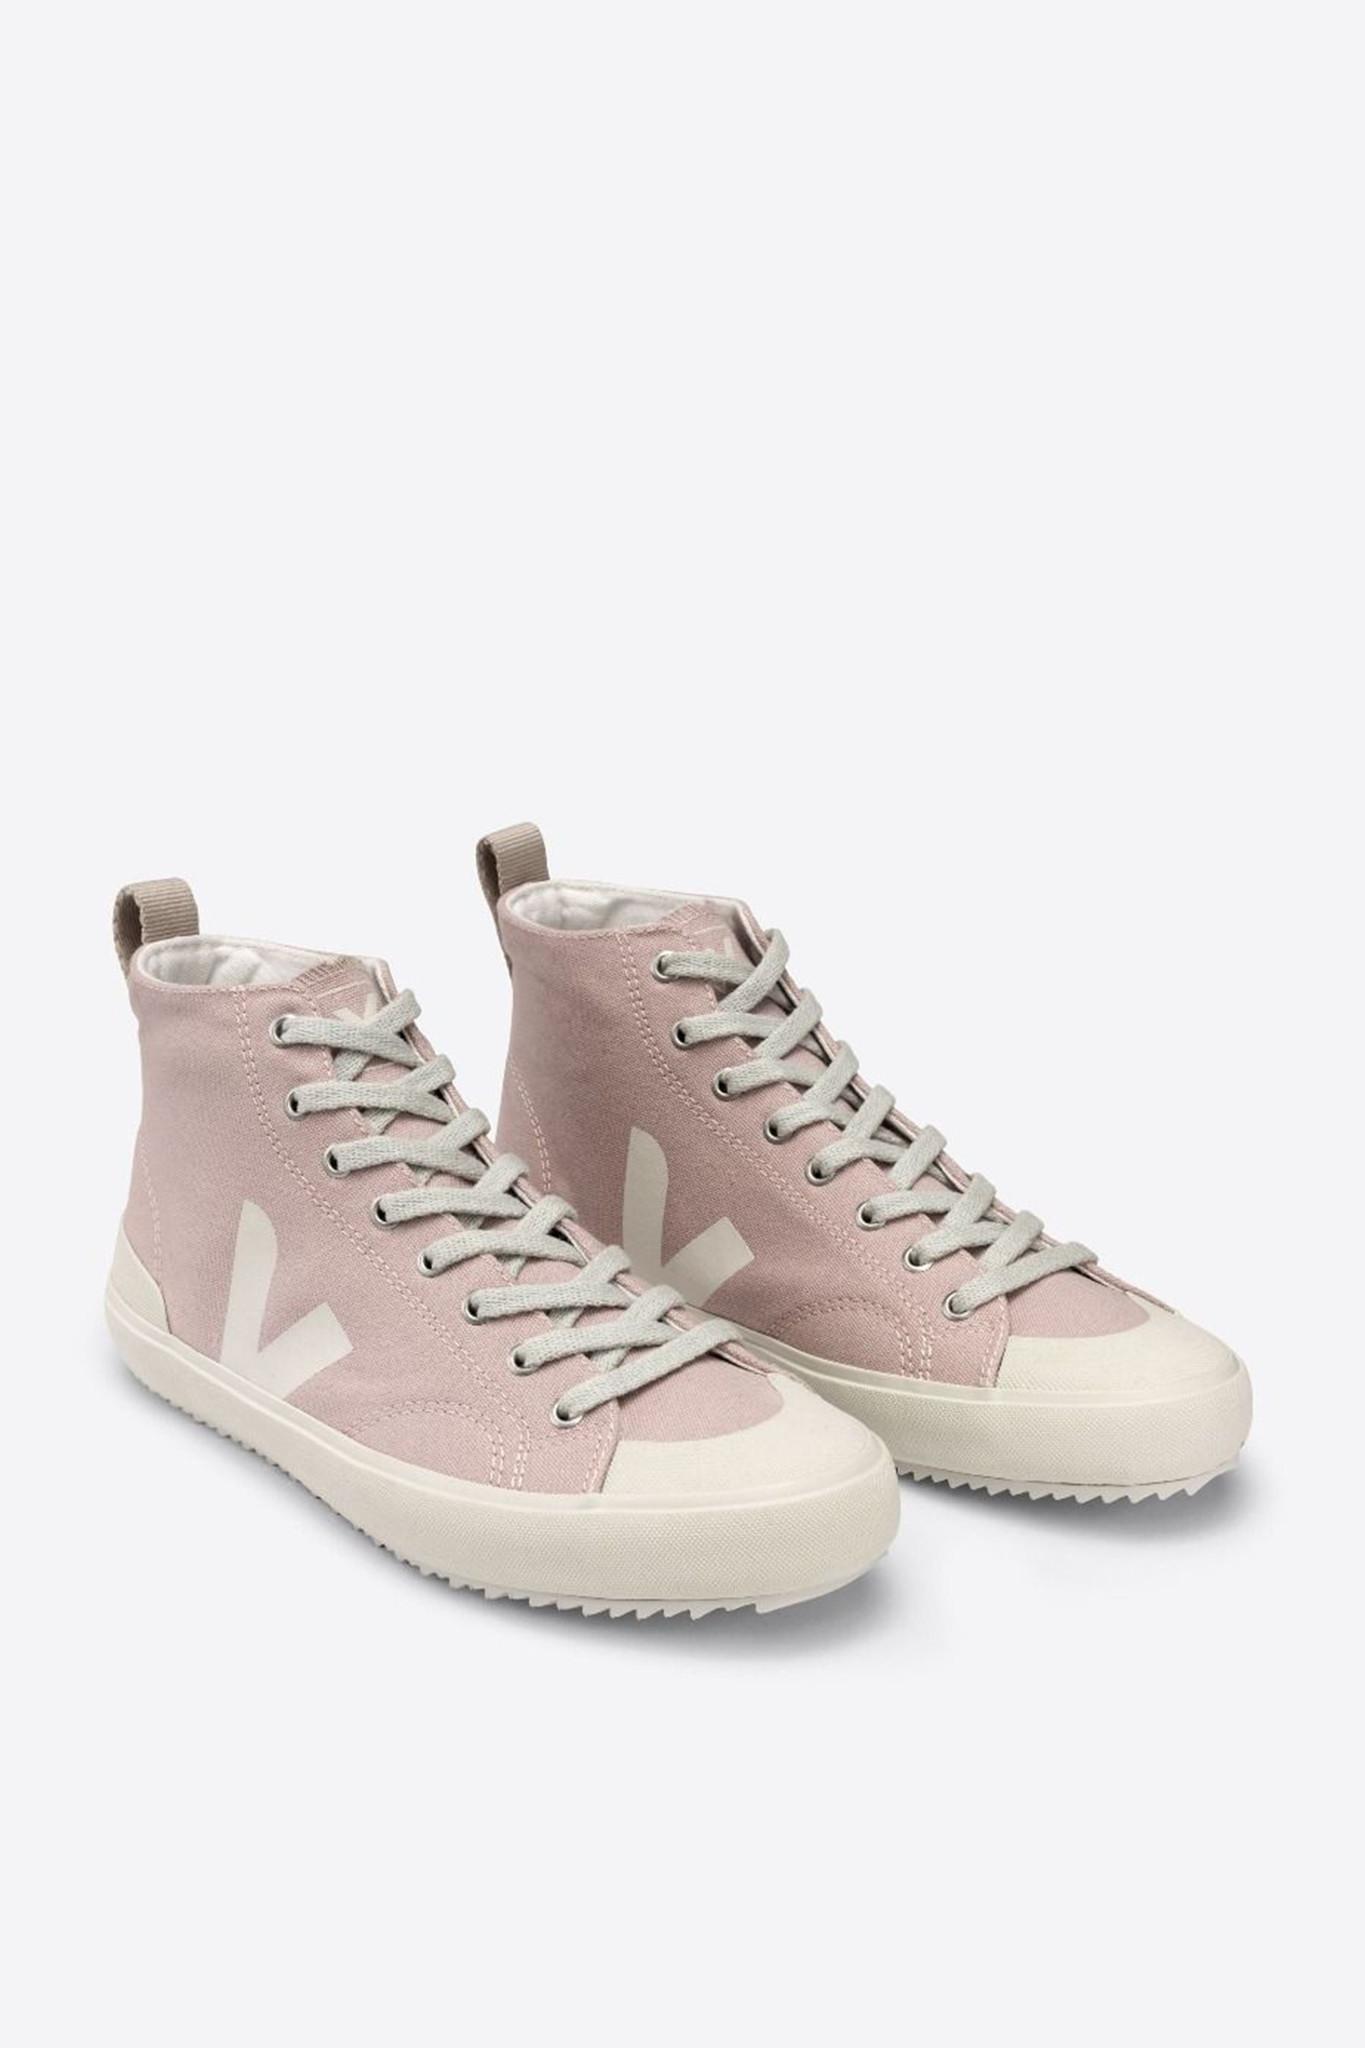 Nova High Top Canvas - Pink Babe-1